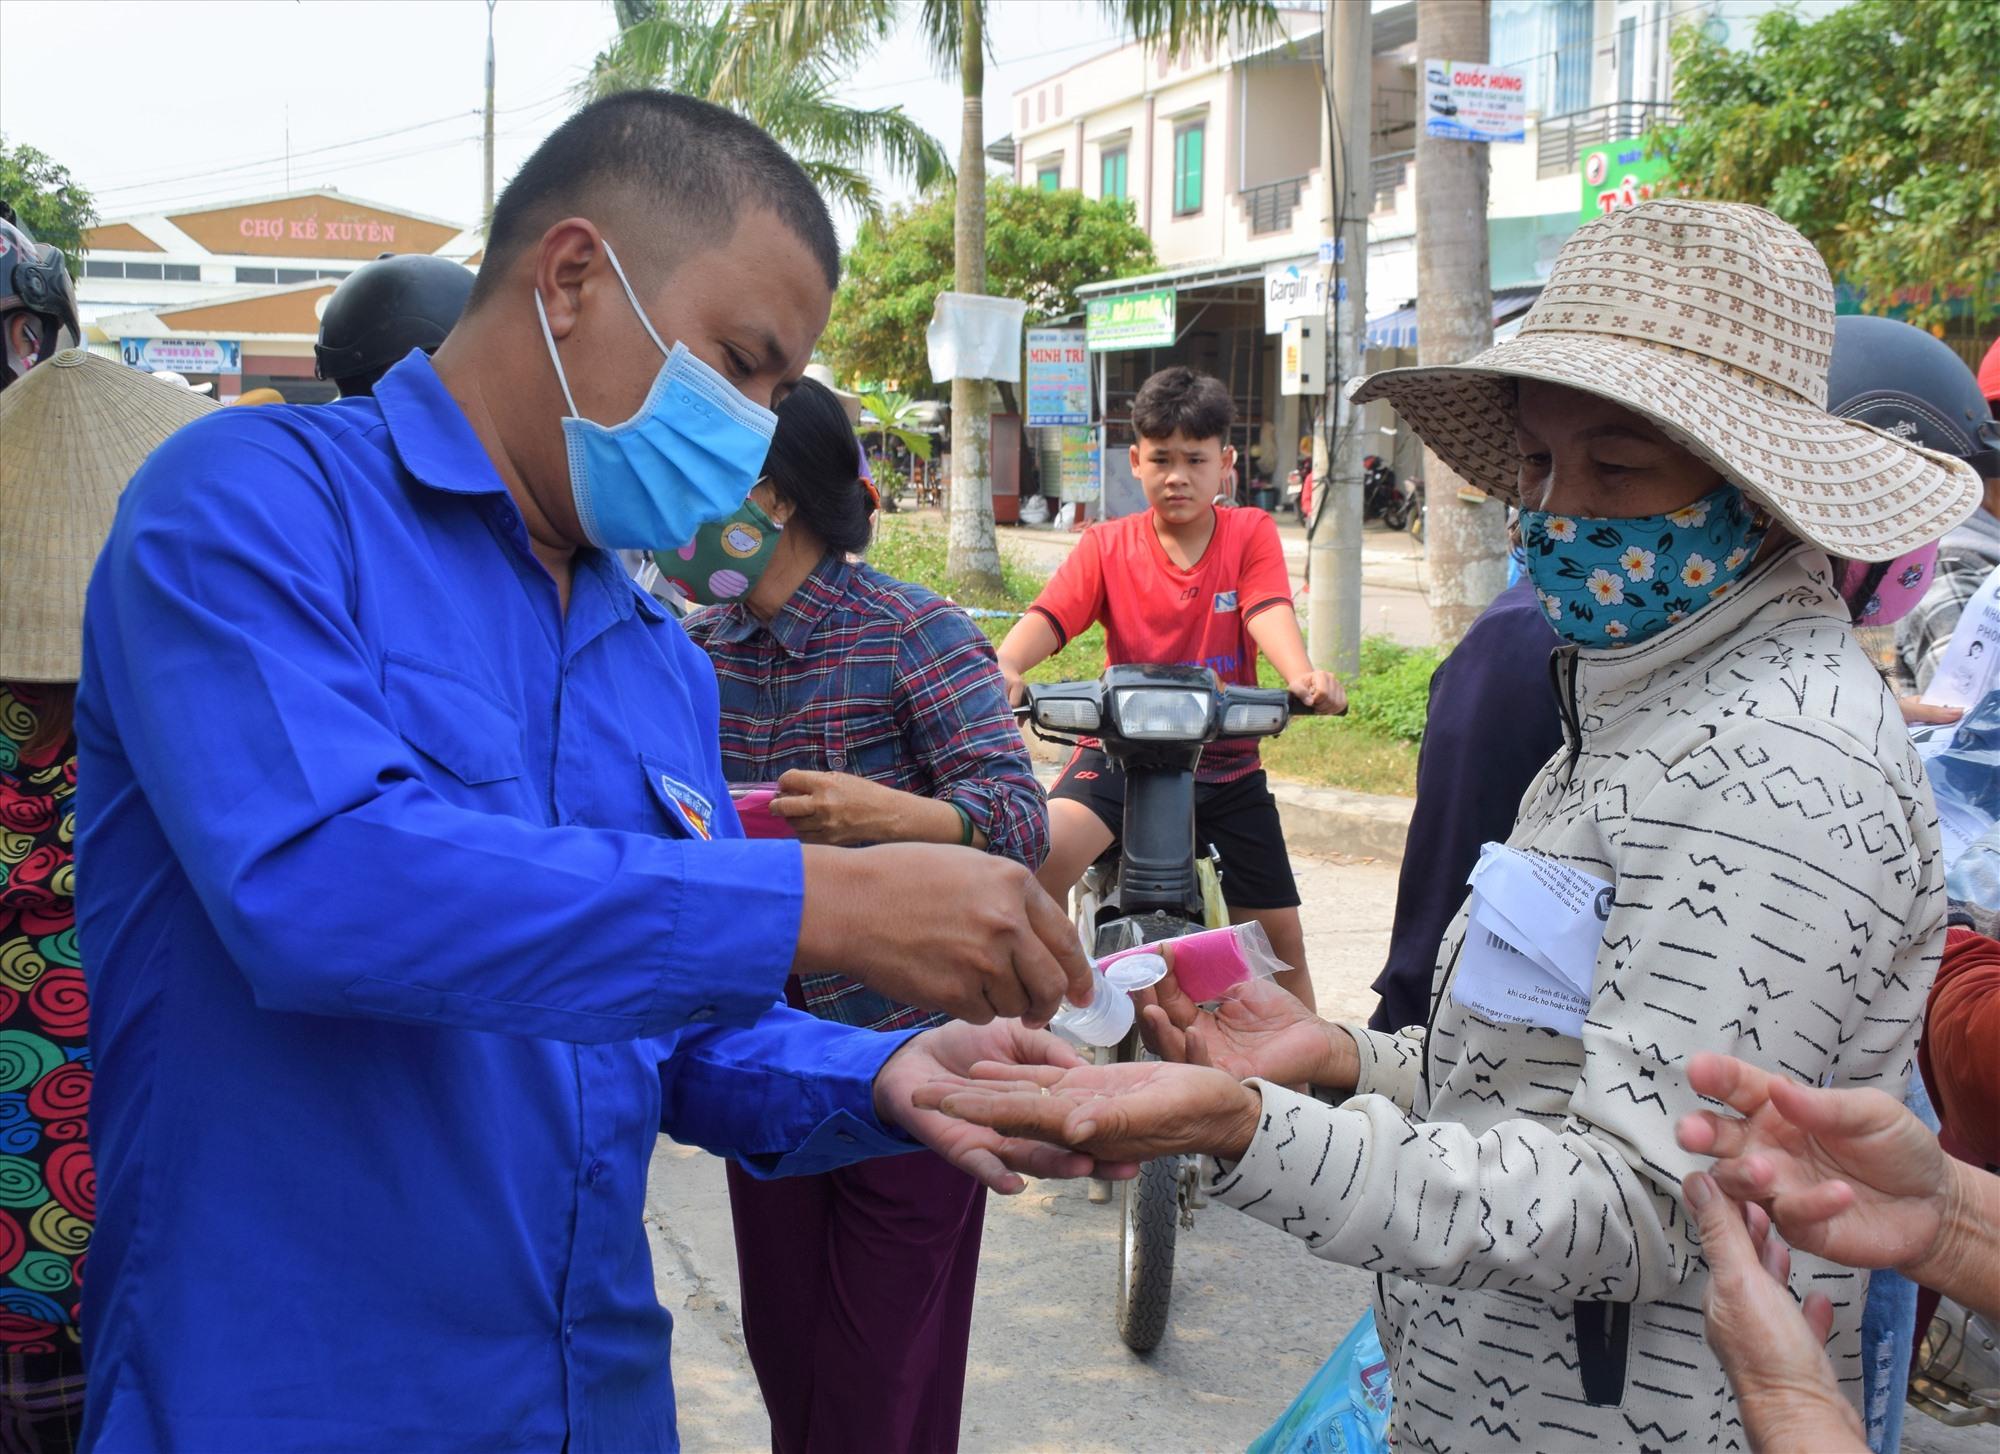 Đoàn viên thanh niên hướng dẫn người dân sử dụng nước sát khuẩn rửa tay nhiều lần trong một ngày để phòng bệnh. Ảnh: THANH THẮNG